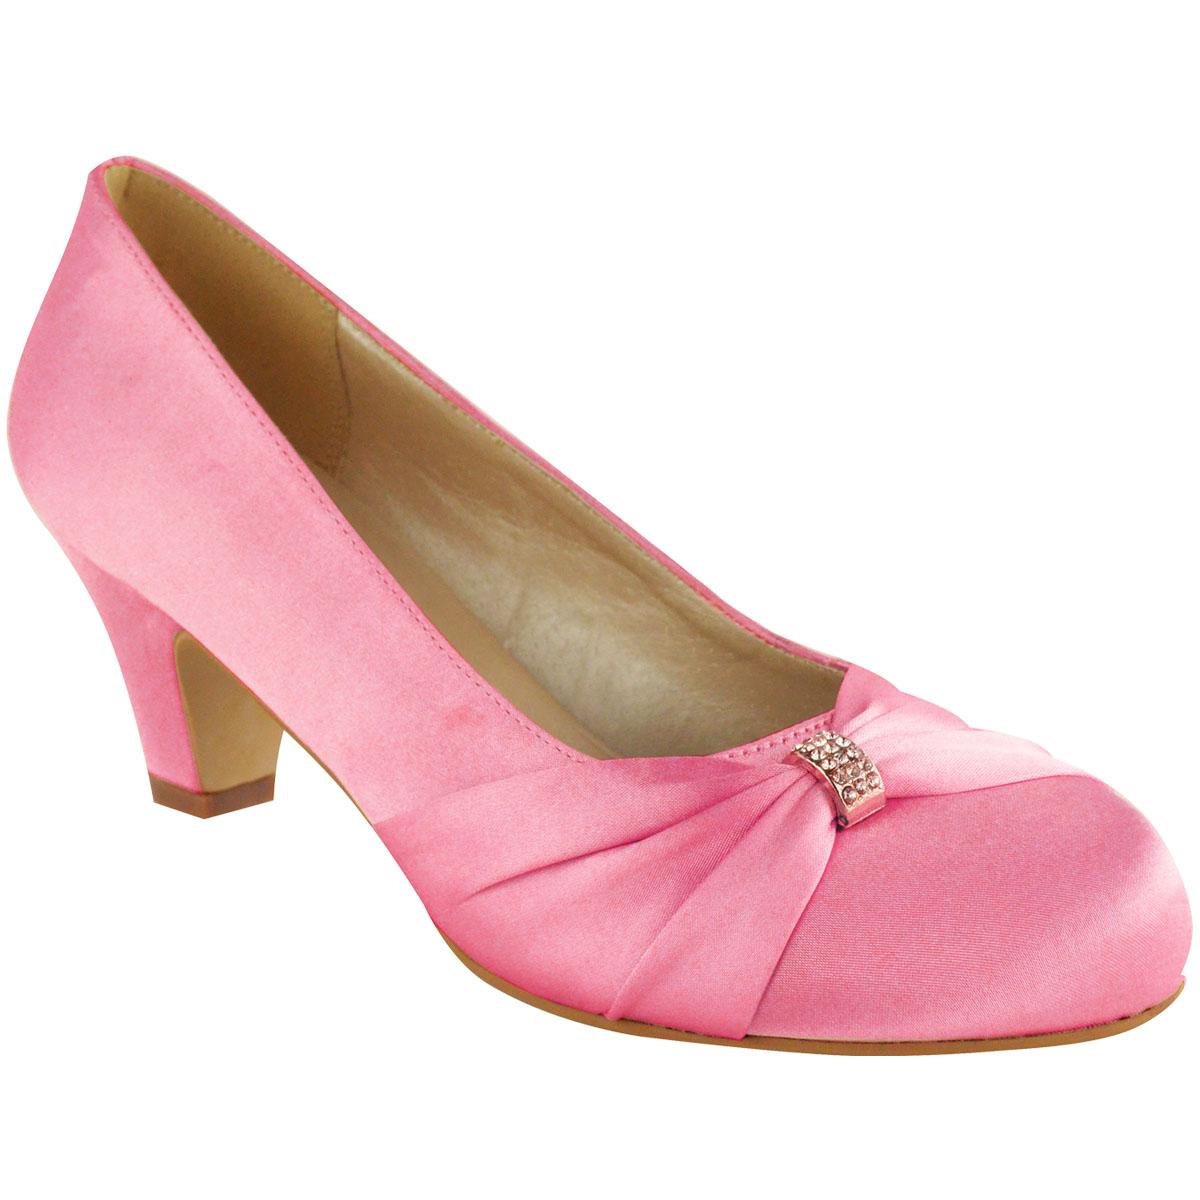 Womens Wedding Shoes Ladies Low Mid Heels Bridal